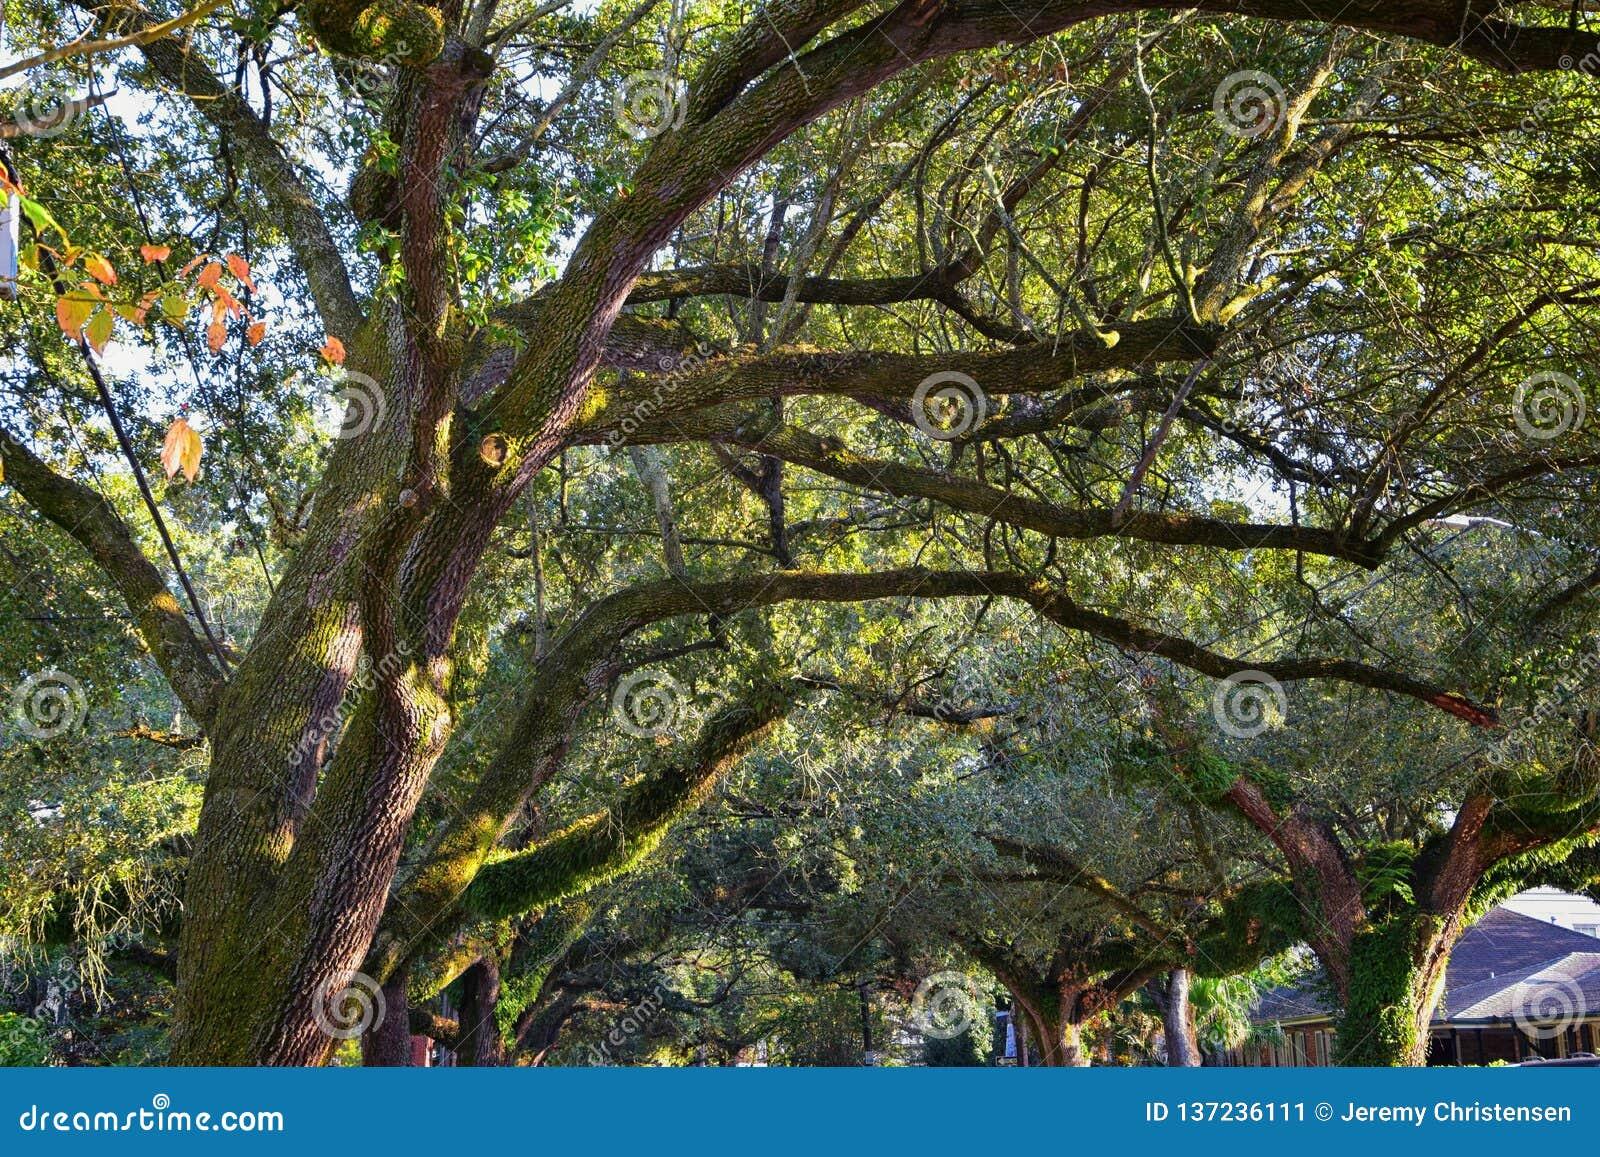 Ideias das árvores e dos aspectos originais da natureza que cercam Nova Orleães, incluindo associações refletindo nos cemitérios